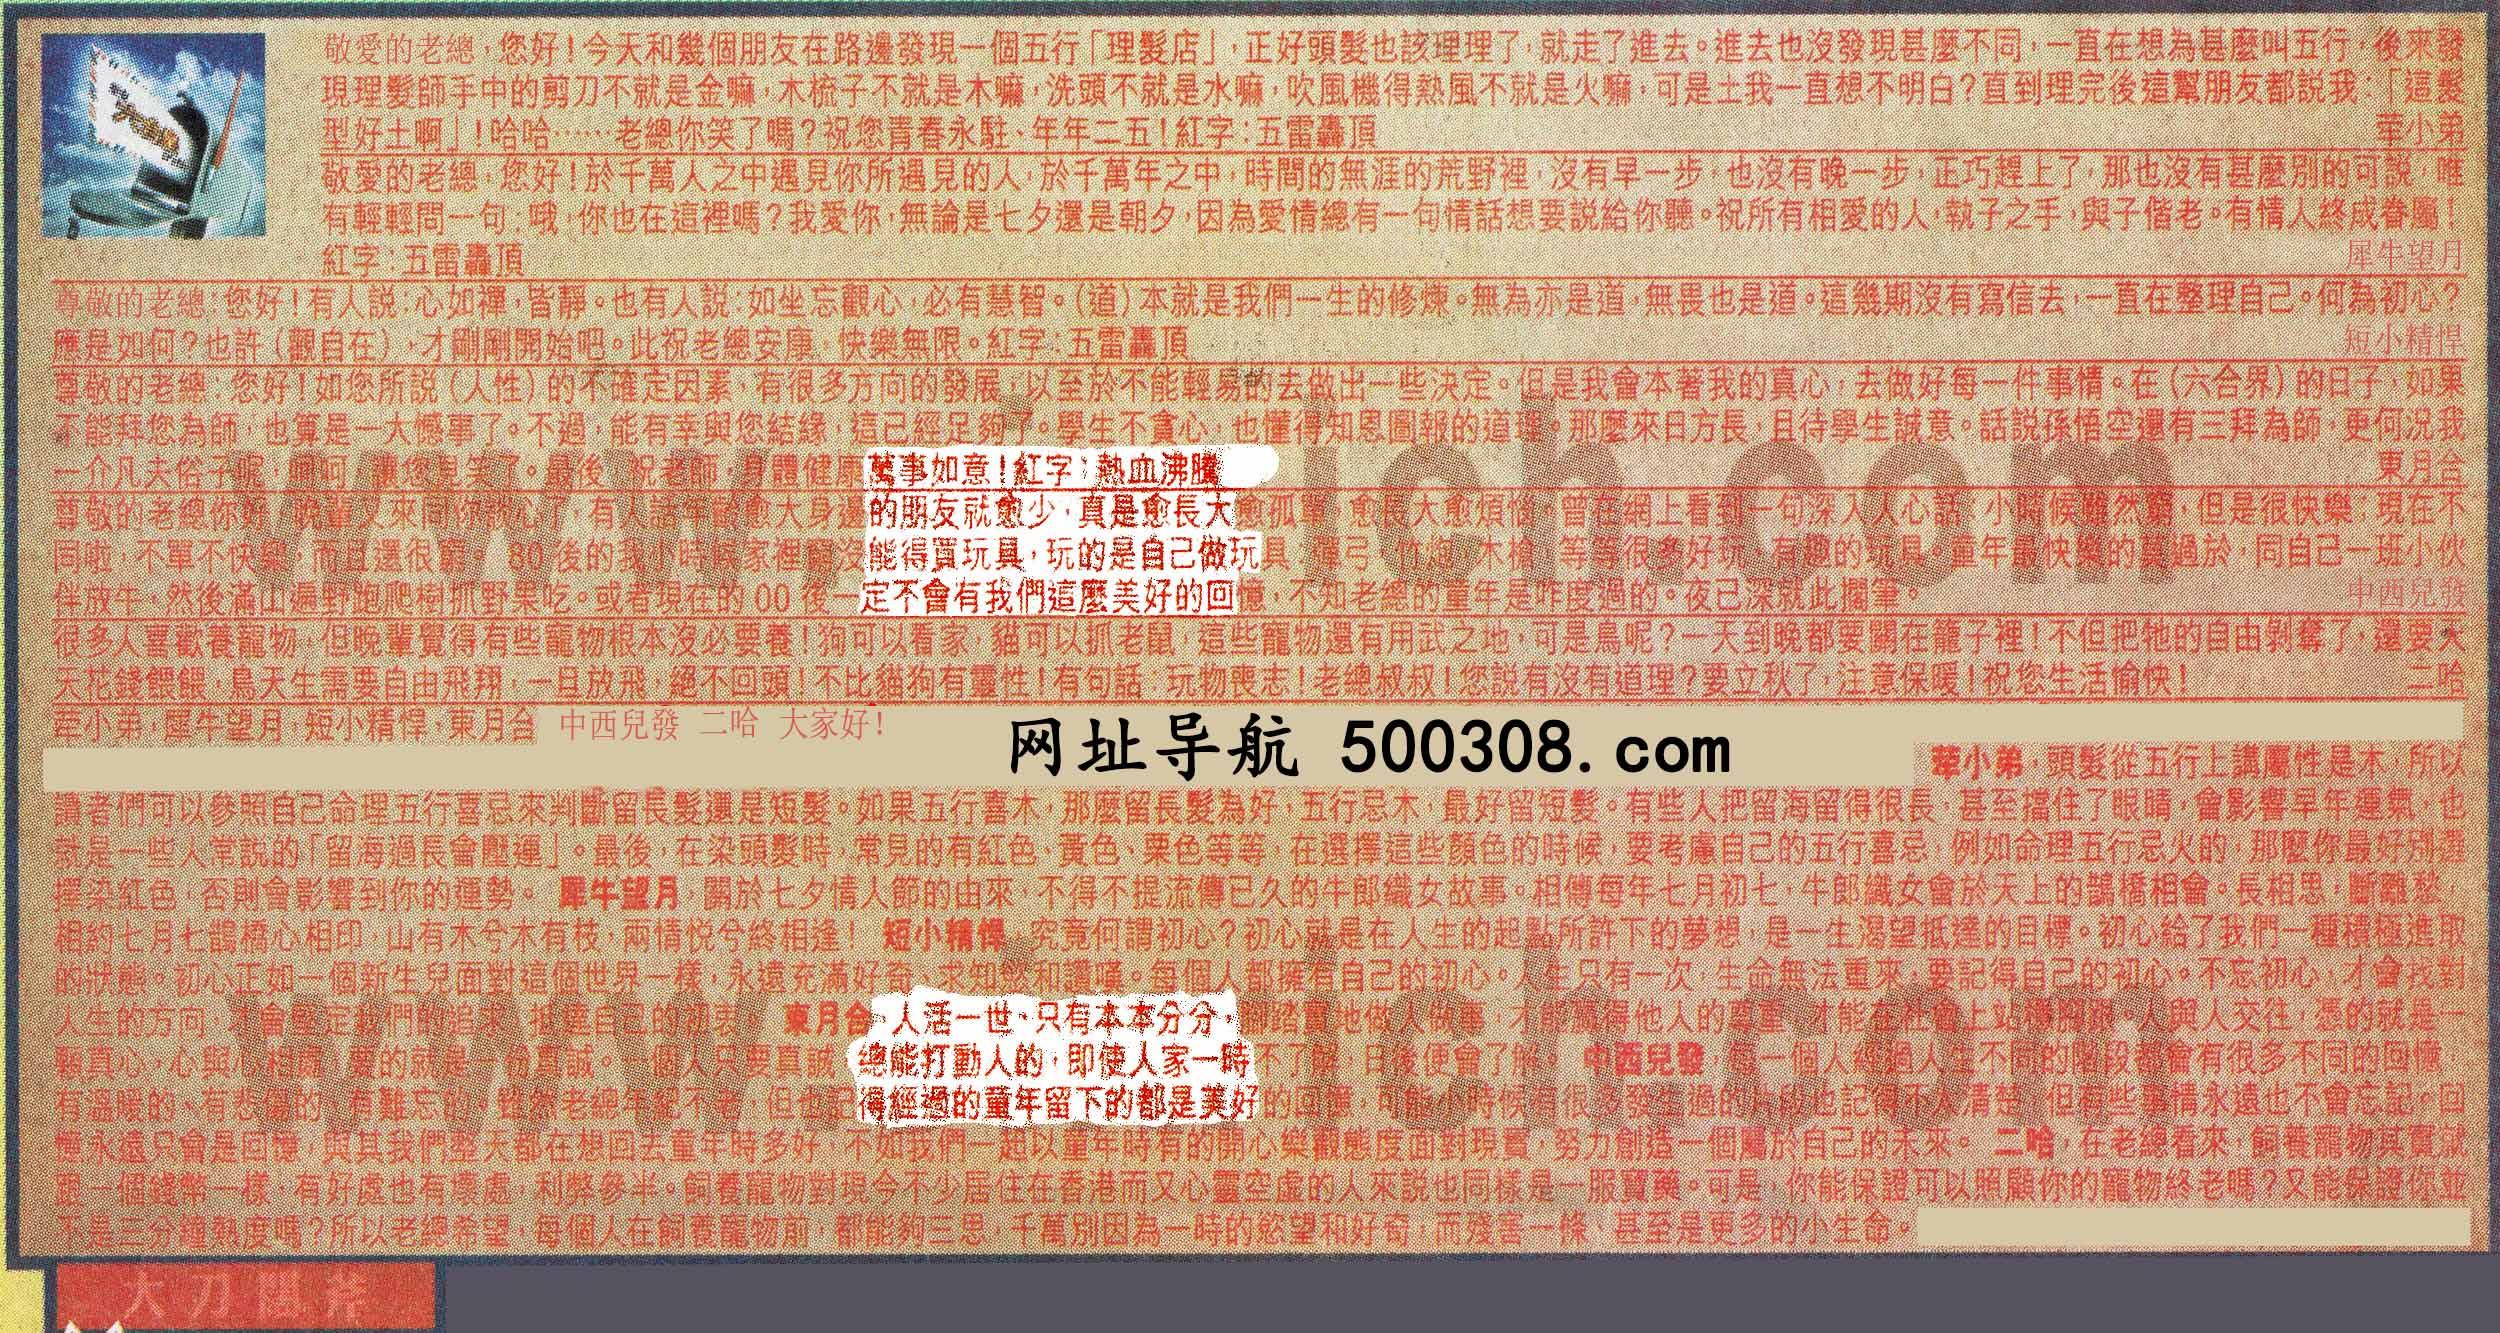 067期:彩民推荐六合皇信箱(�t字:大刀�斧) 067期开奖结果:44-13-26-34-35-14-T12(虎/红/木)